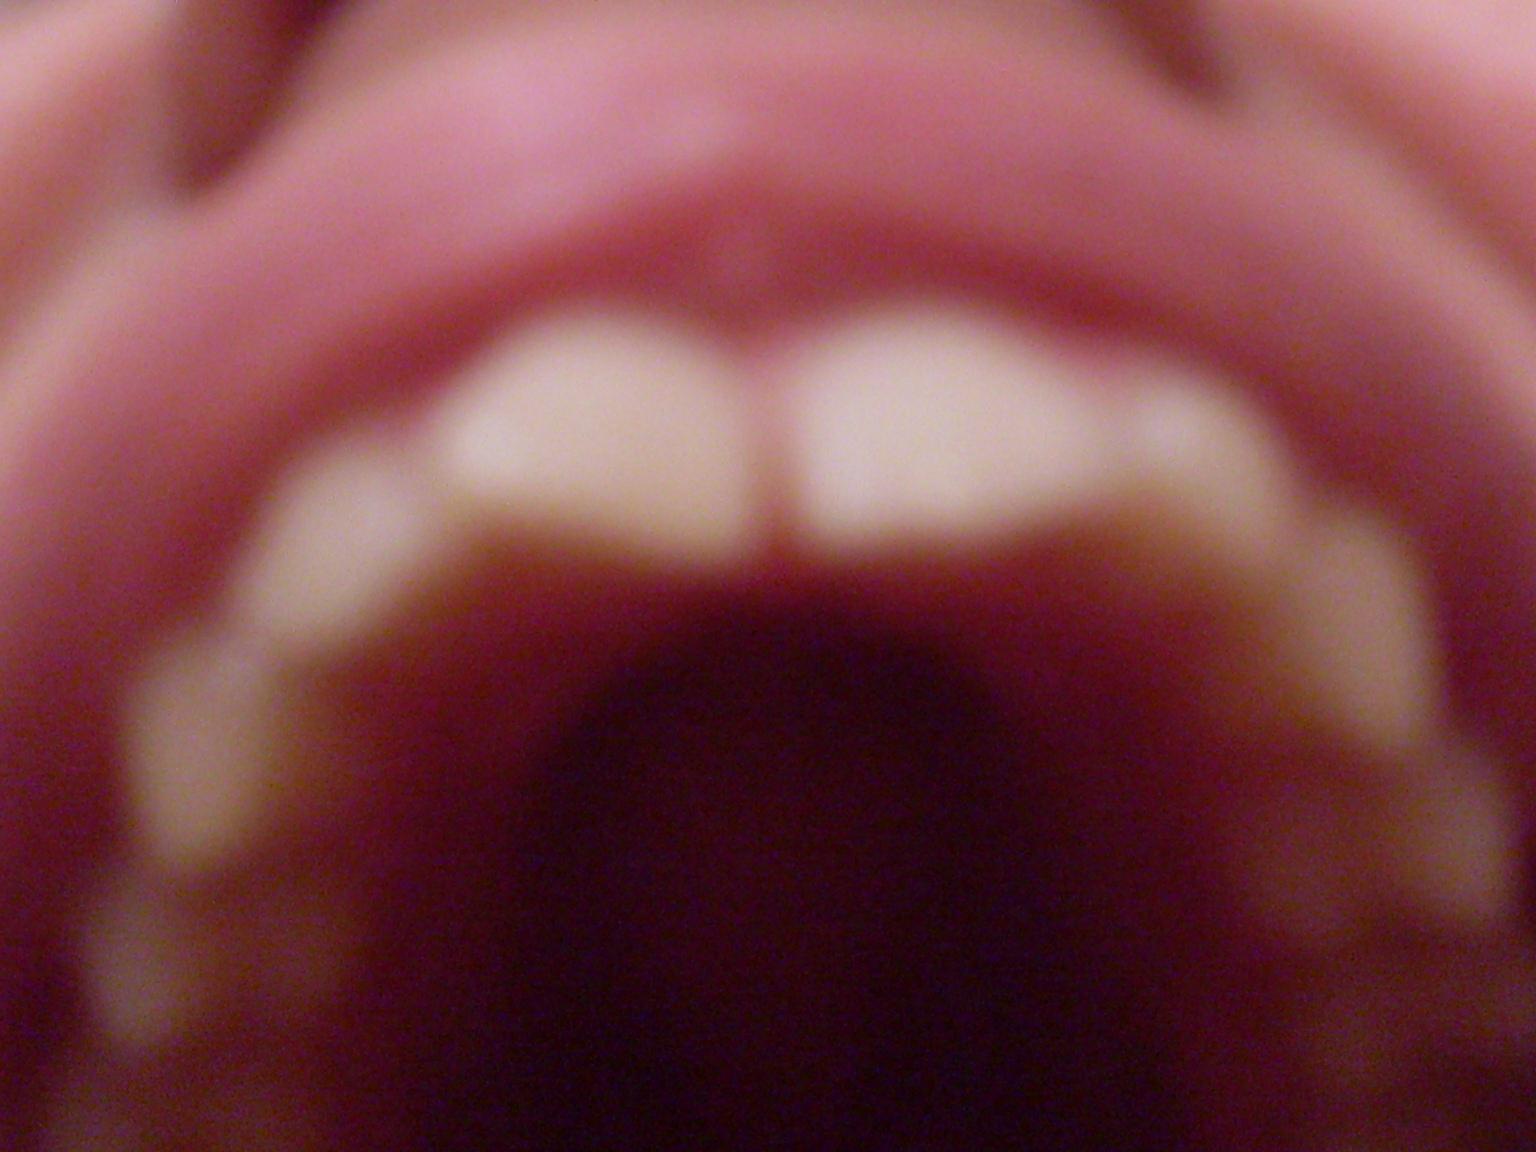 Spero possiate darmi un consiglio sulla miglior soluzione del mio problema dentale